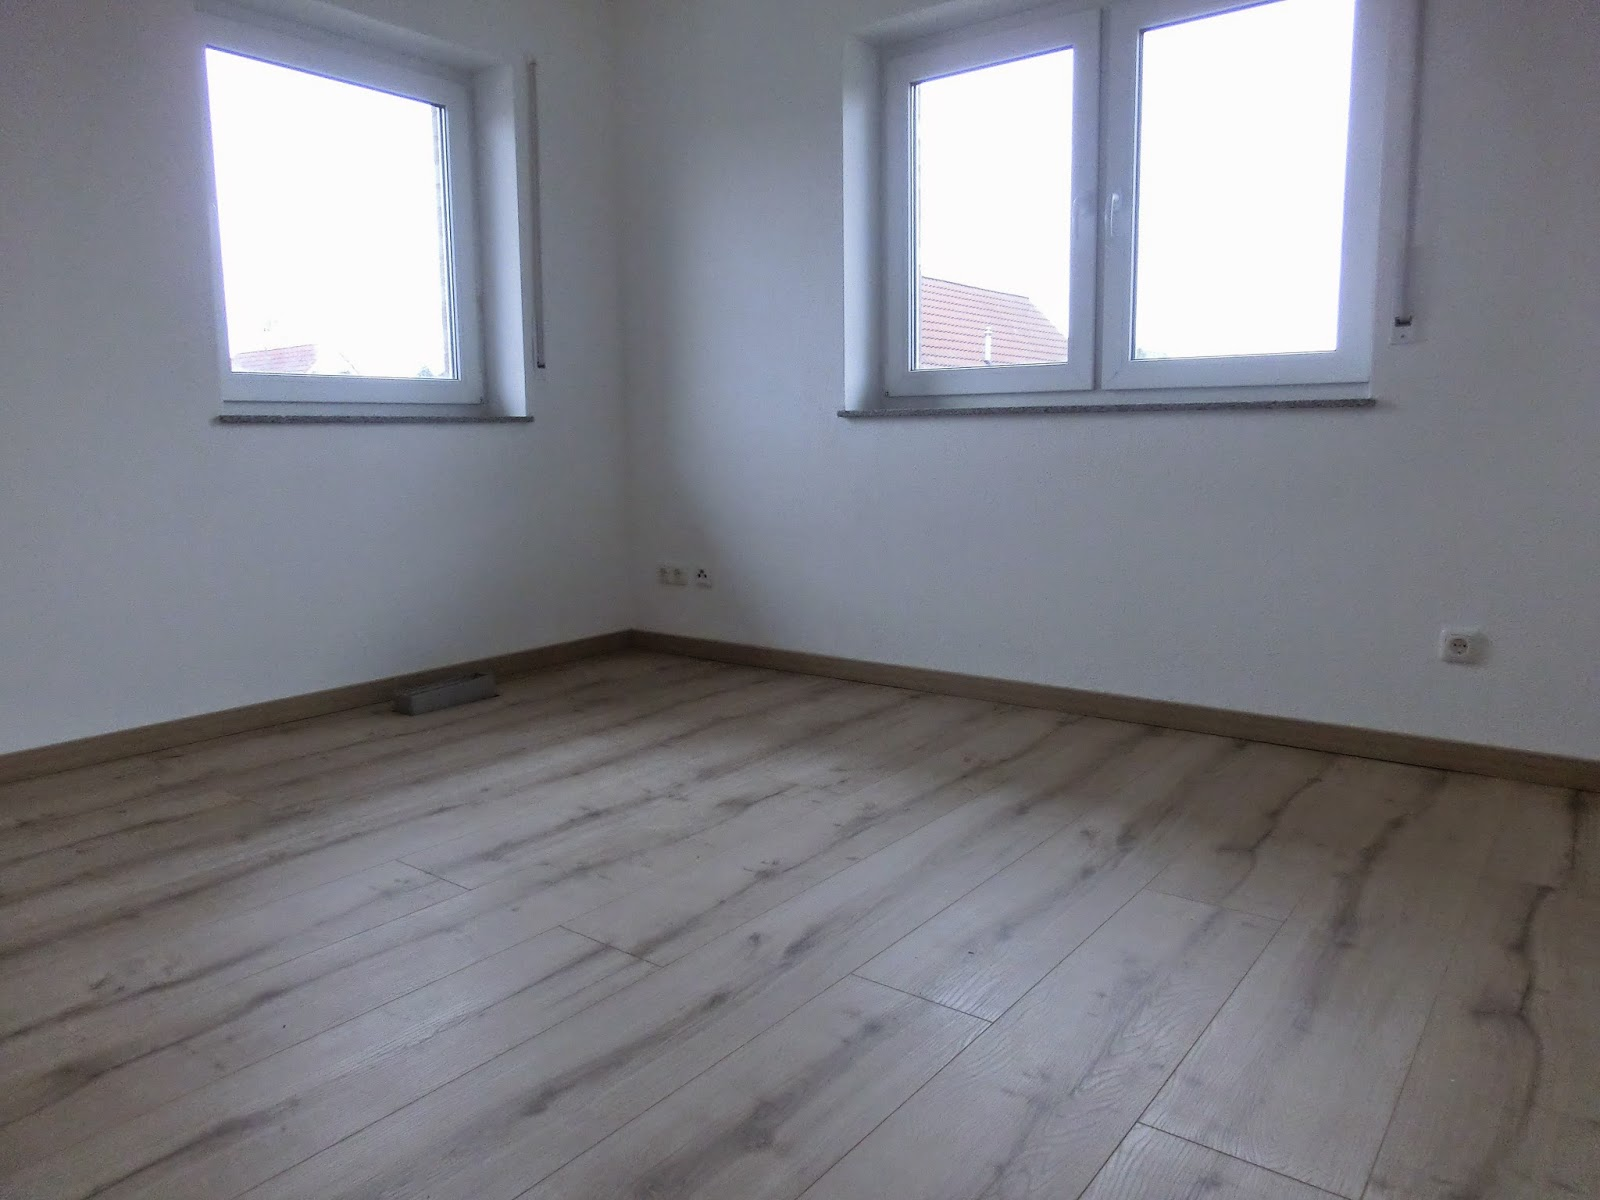 wir bauen unser traumhaus laminat wird verlegt bis zum. Black Bedroom Furniture Sets. Home Design Ideas